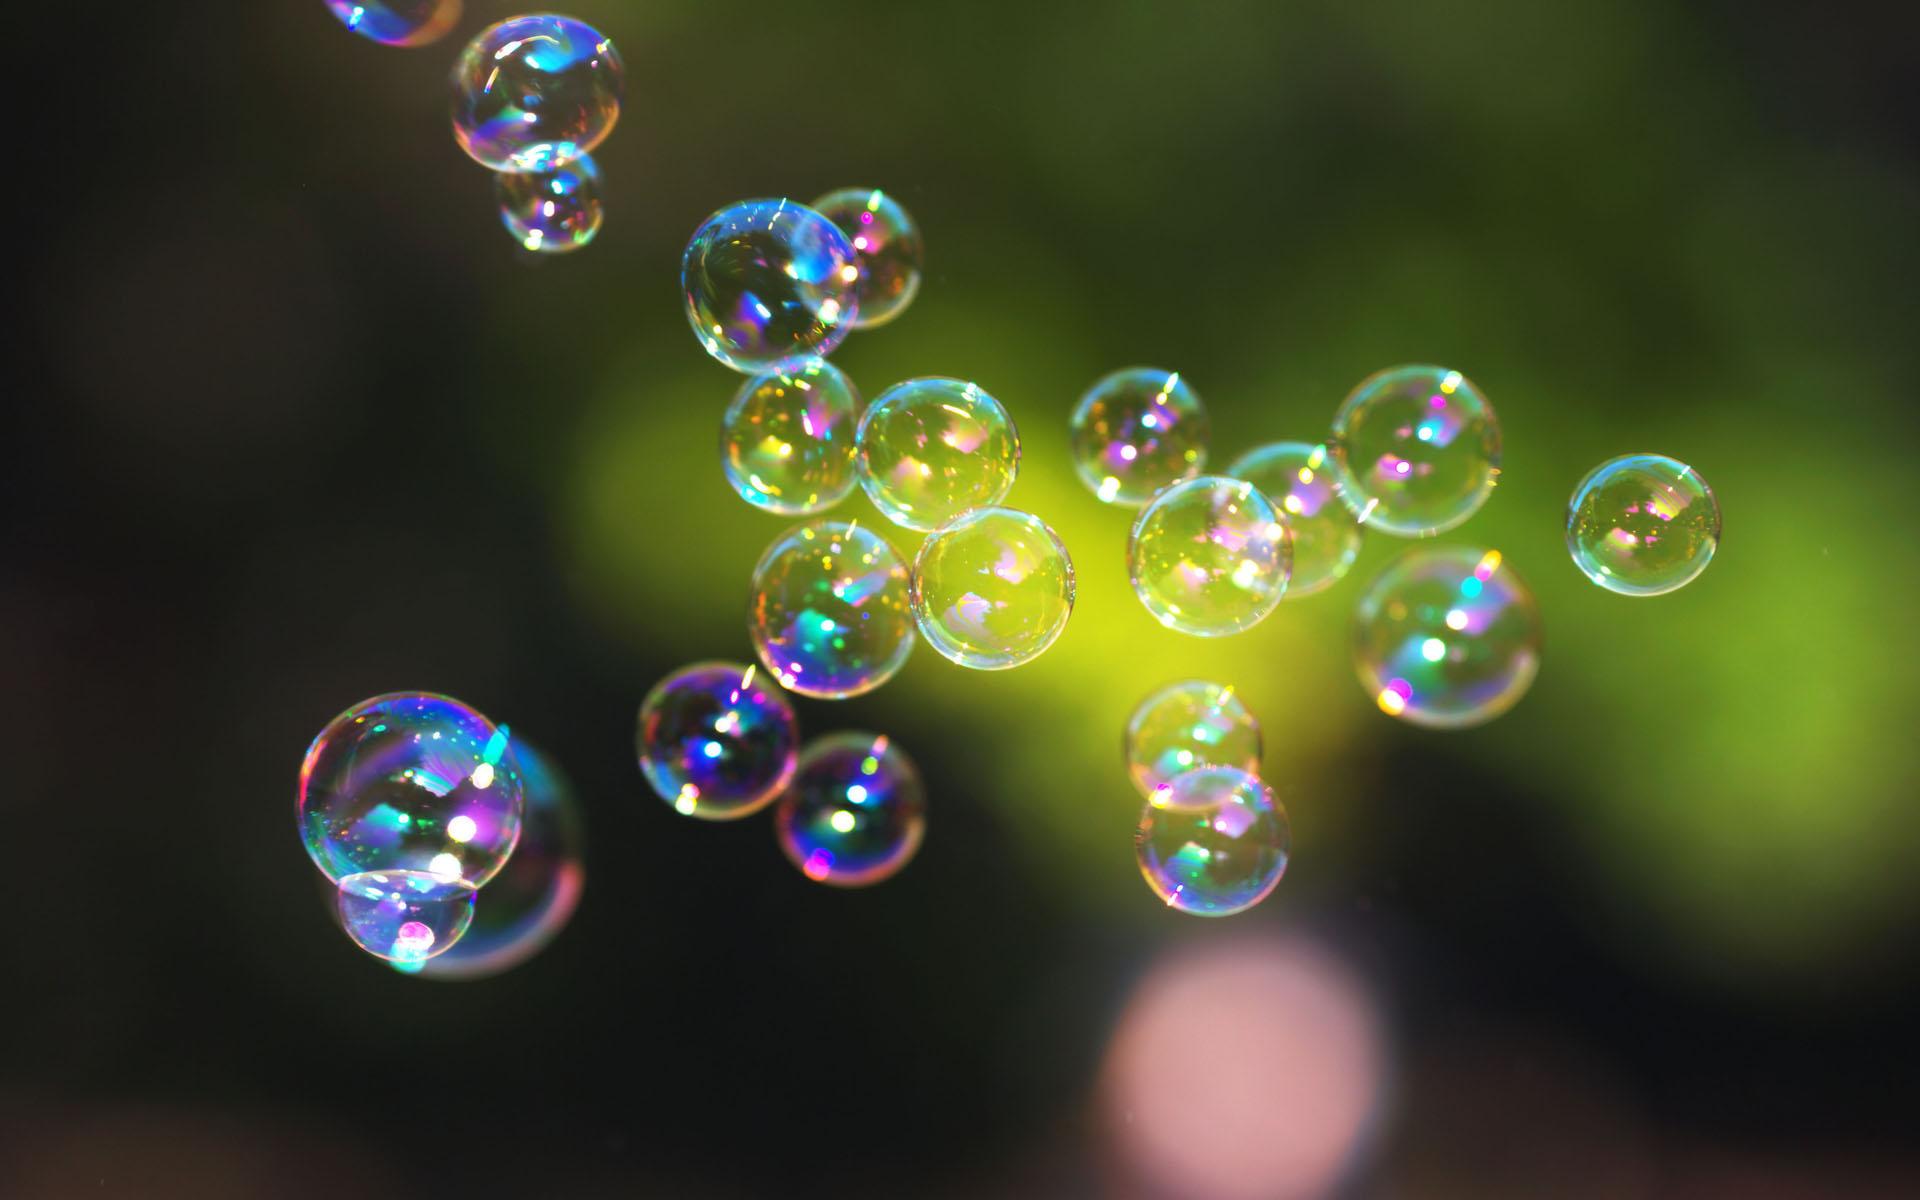 Pretty Bubbles Wallpaper